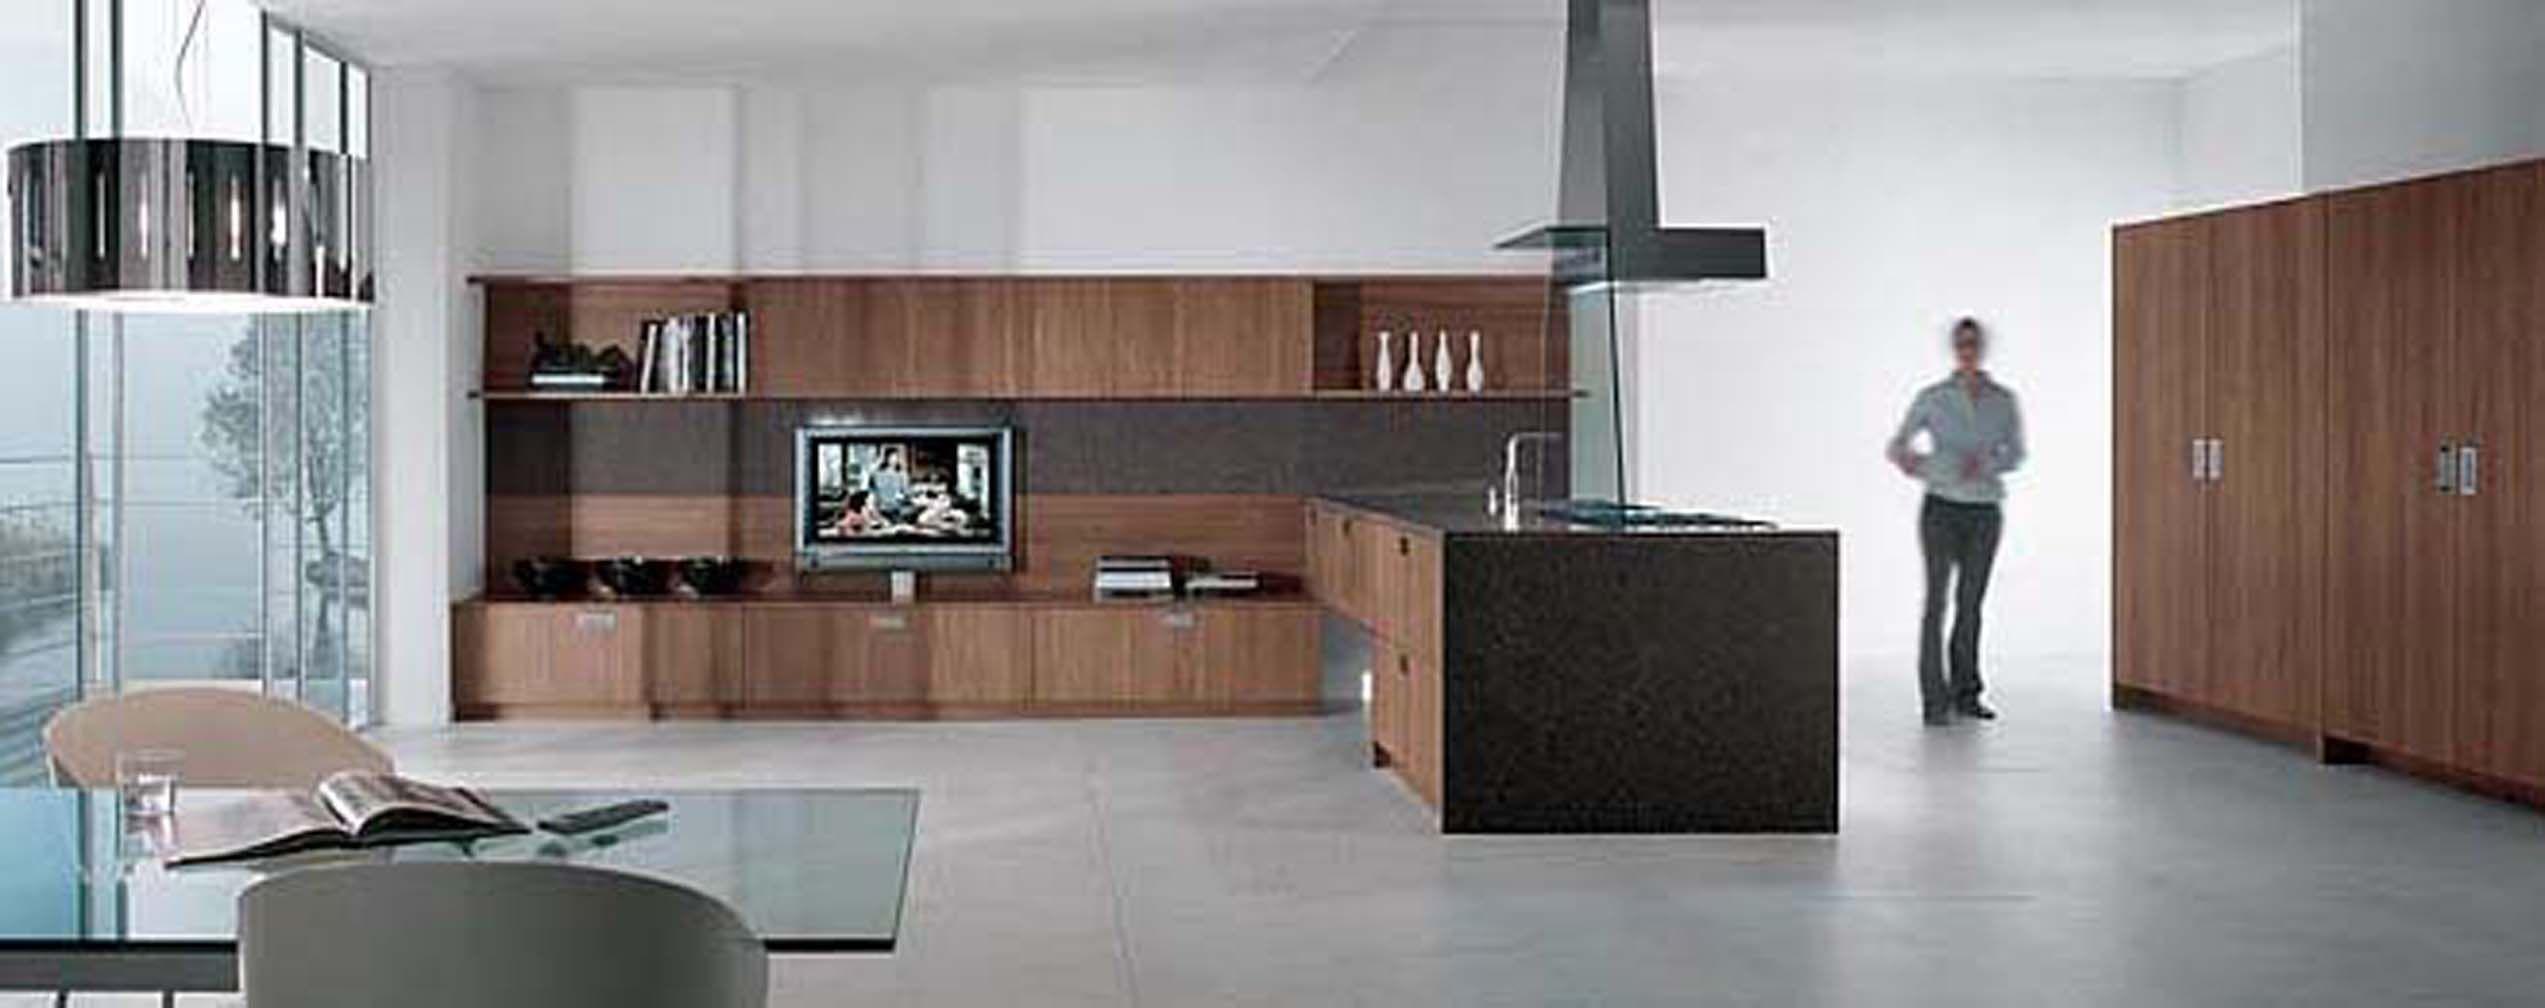 Linea quattro cuisine en bois massif et plaqu - Caisson cuisine bois massif ...